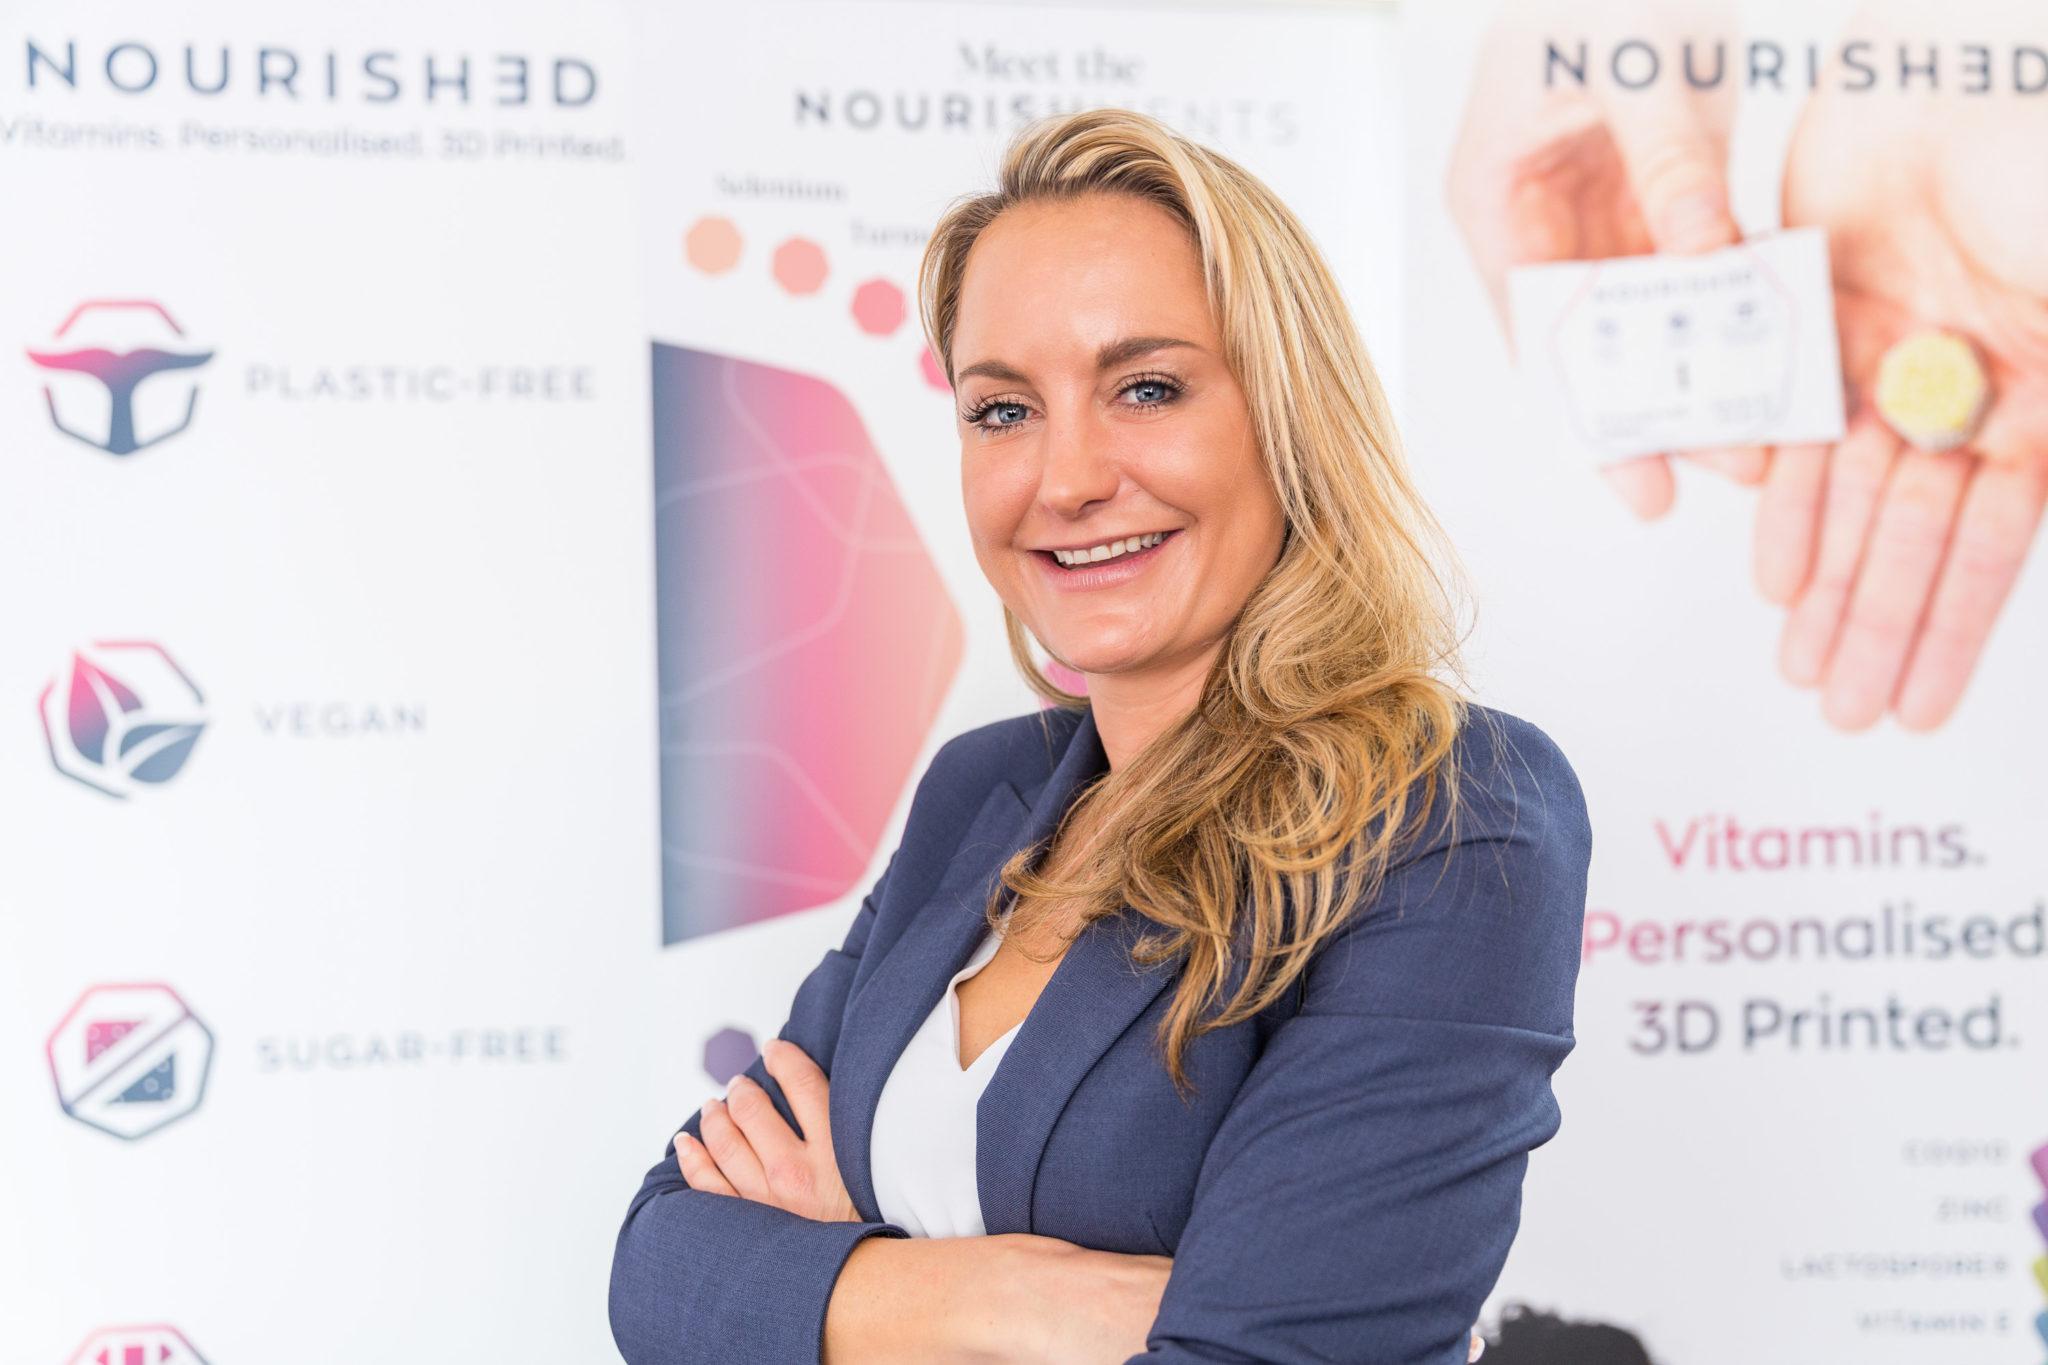 Melissa Snover - Nourished